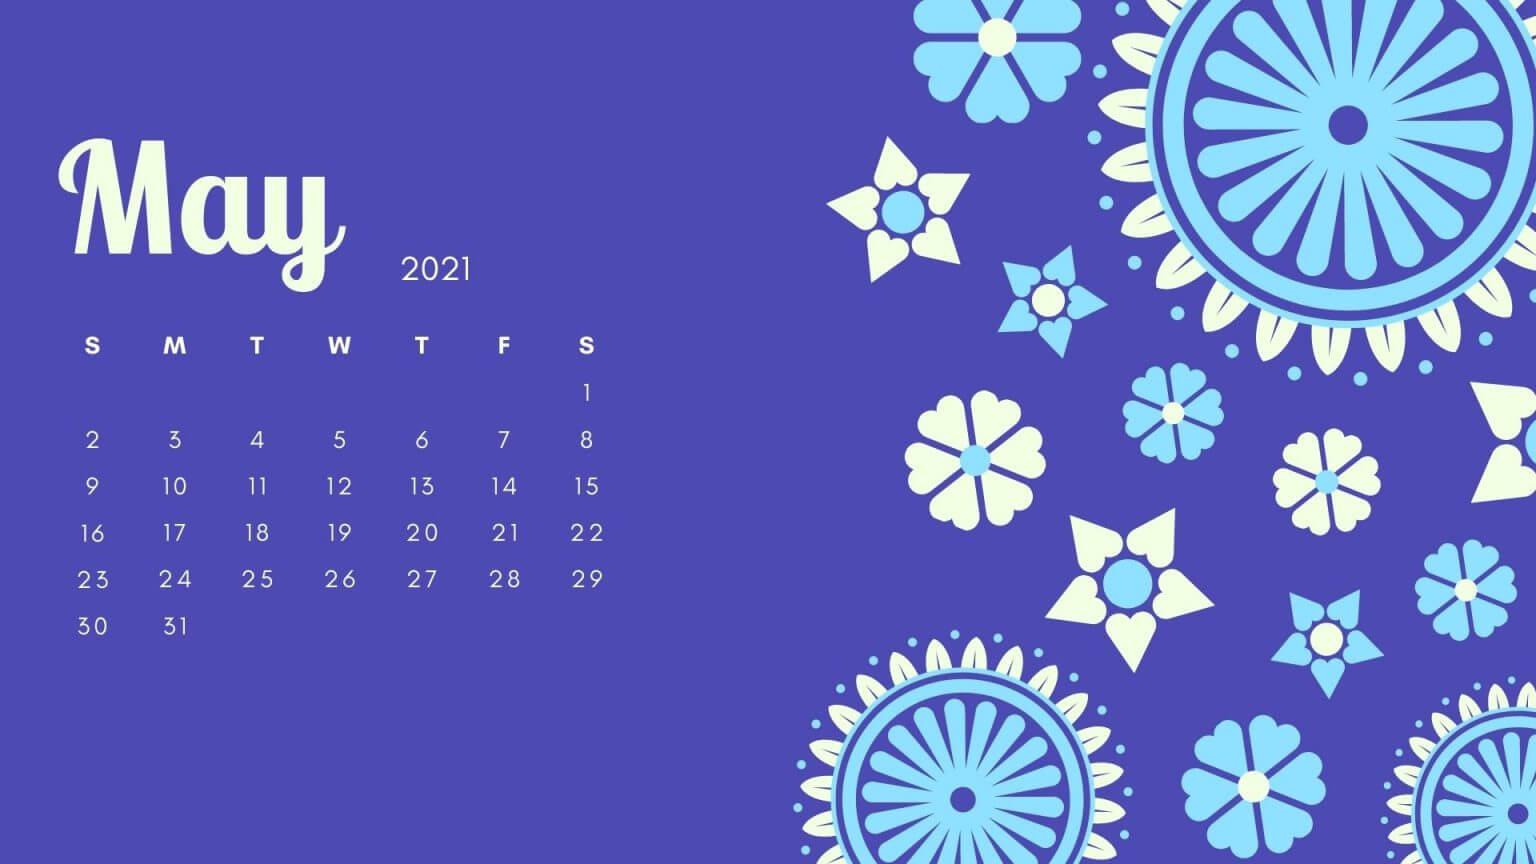 May 2021 Desktop Calendar Wallpaper  Free Printable 2021 within Desktop Calendars 2021 Free Printable